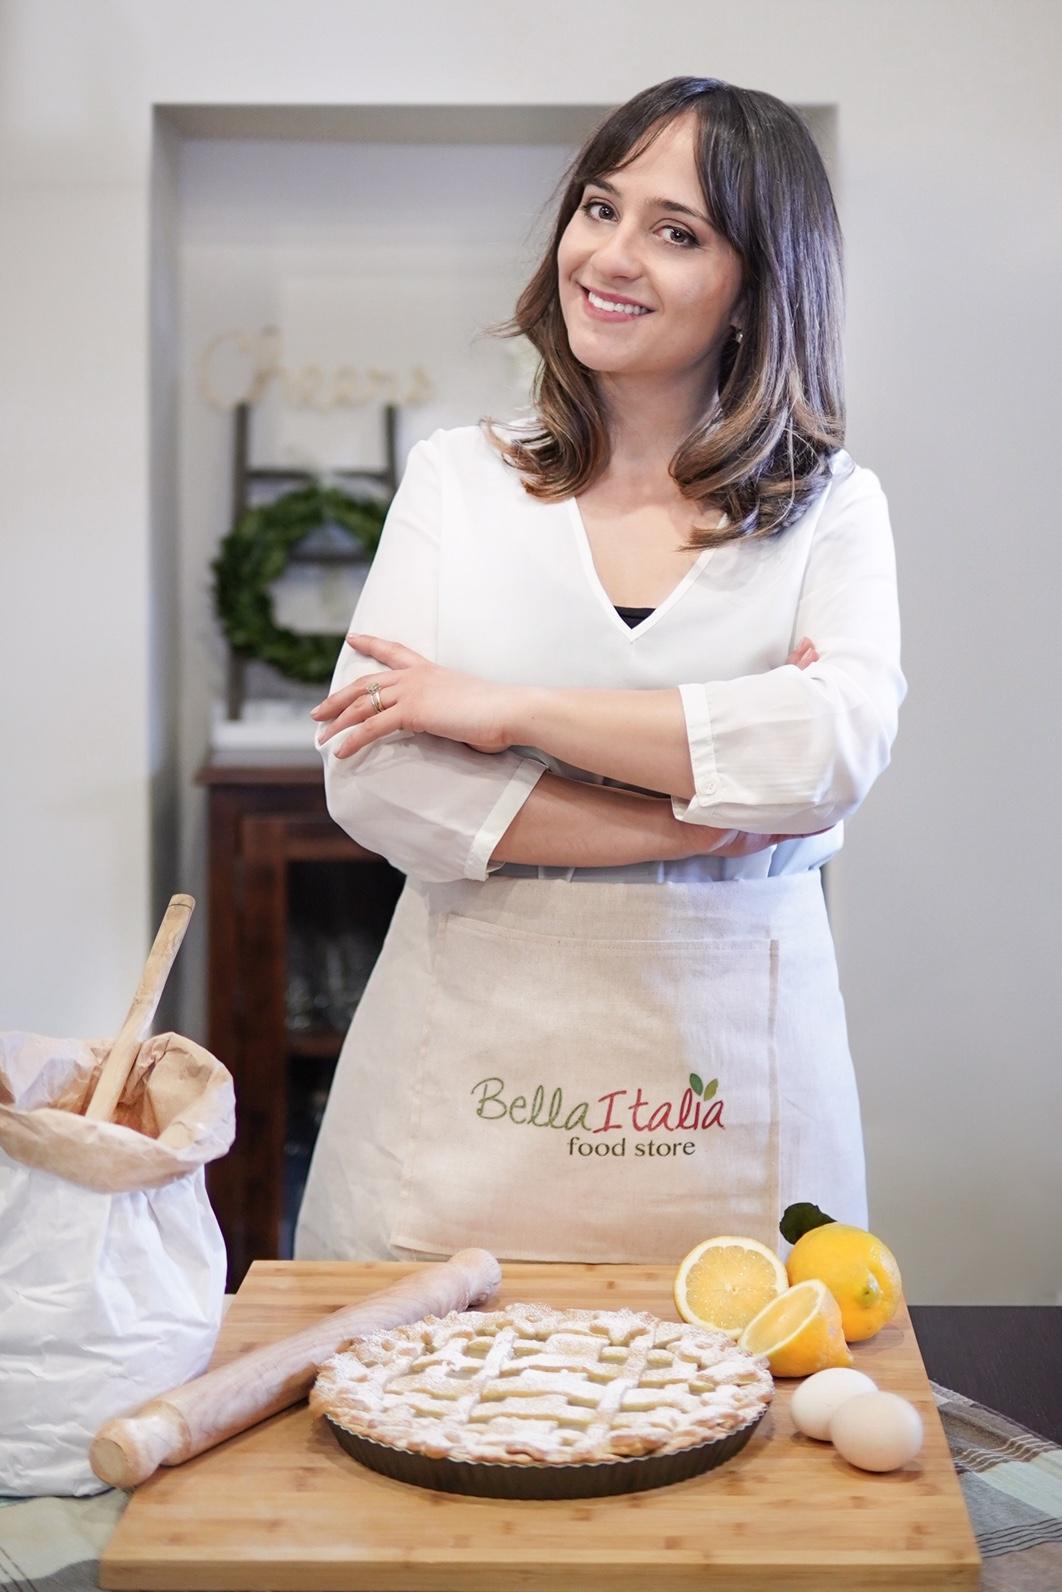 Federica's Portrait for Bella Italia